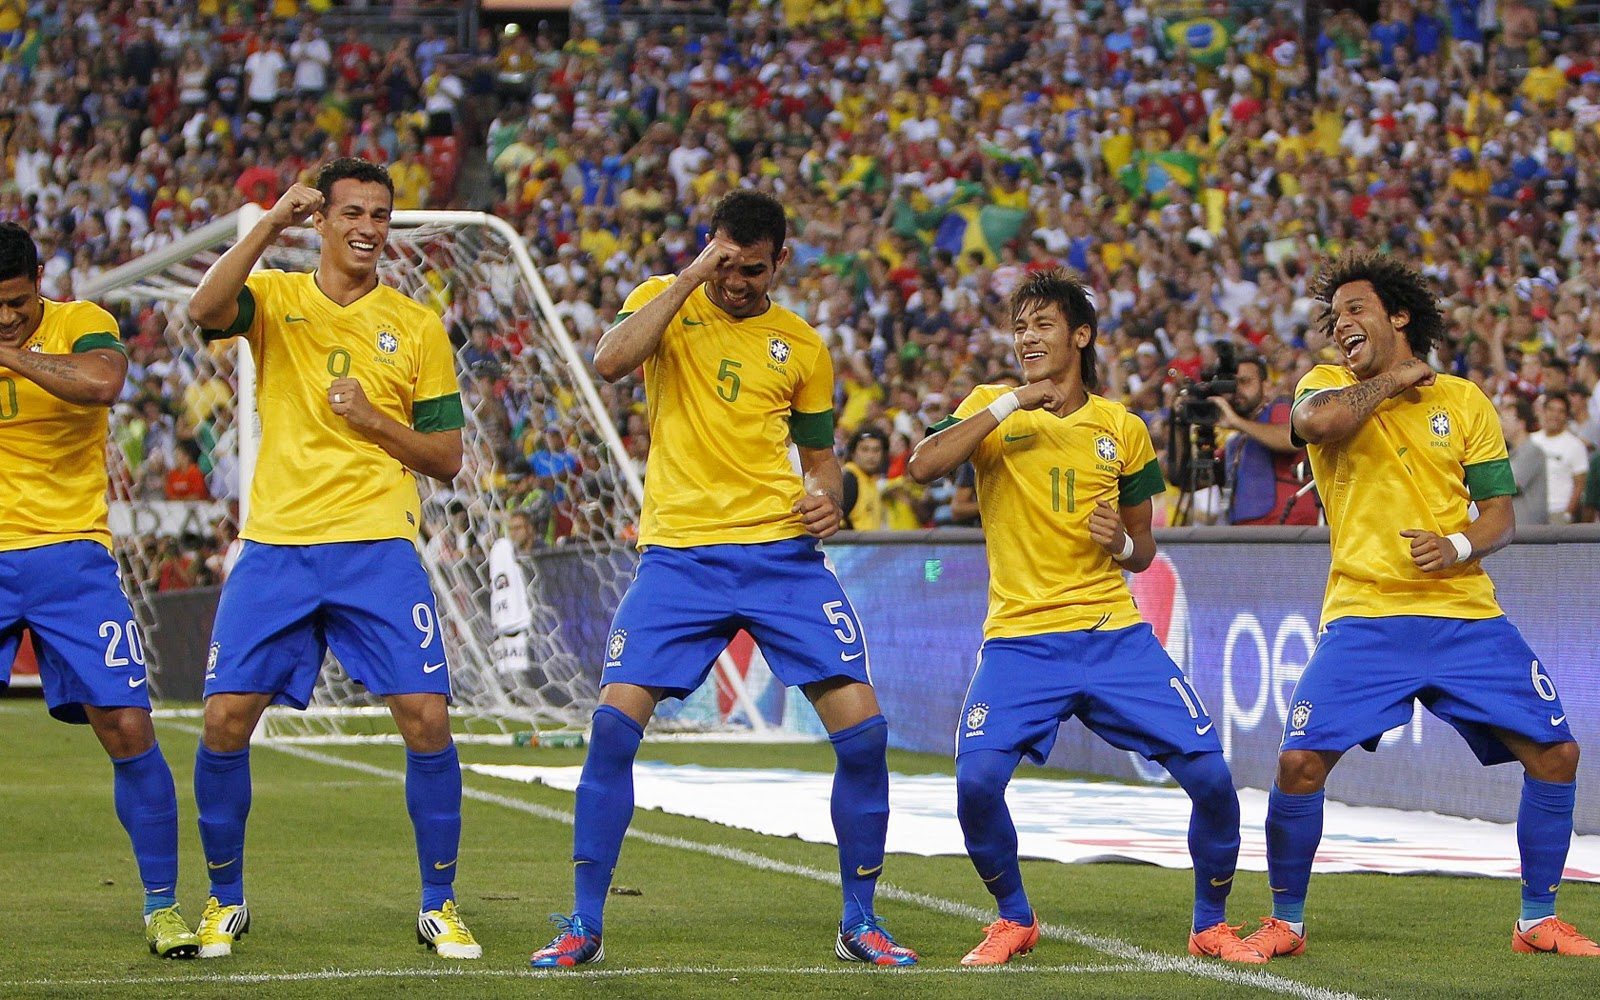 http://2.bp.blogspot.com/-HsL2TbZNJ5g/U6bvVUSc9oI/AAAAAAAAZ3M/ZLO1t6_g0GY/s1600/The-Brazil-National-Football-Team-HD-WideScreen.jpg